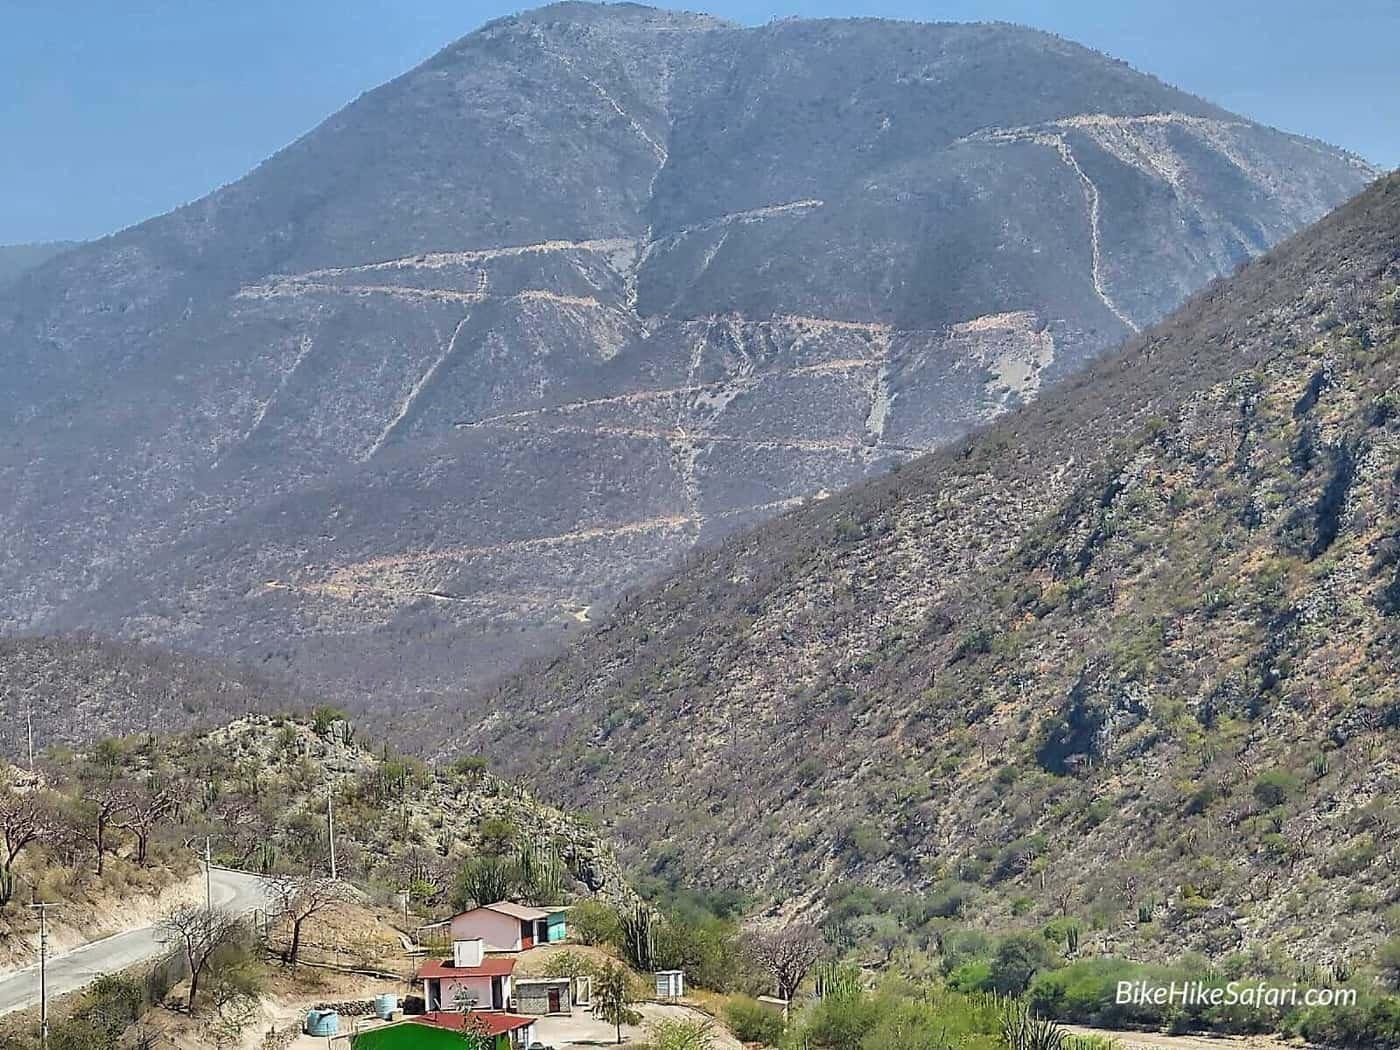 cycling switchbacks in Sierra Gorda Mexico